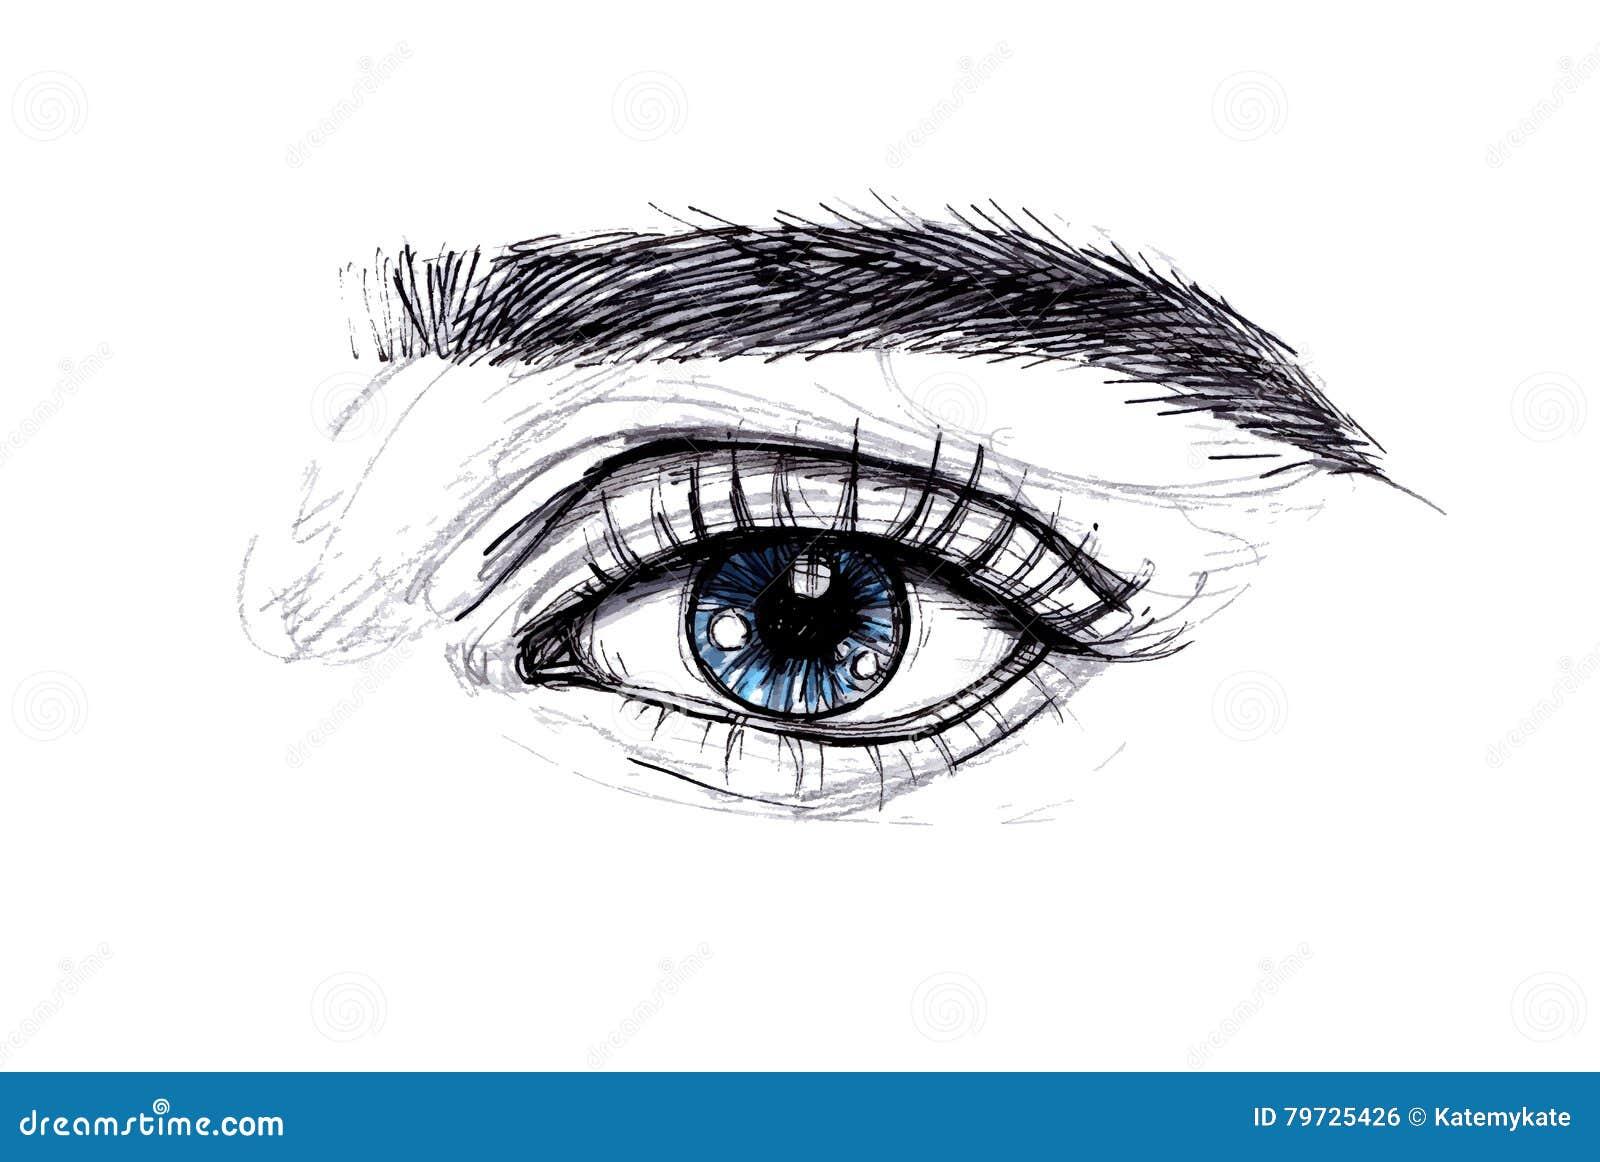 Ilustración drenada mano del vector Maquillaje hermoso del ojo de la mujer Molestia